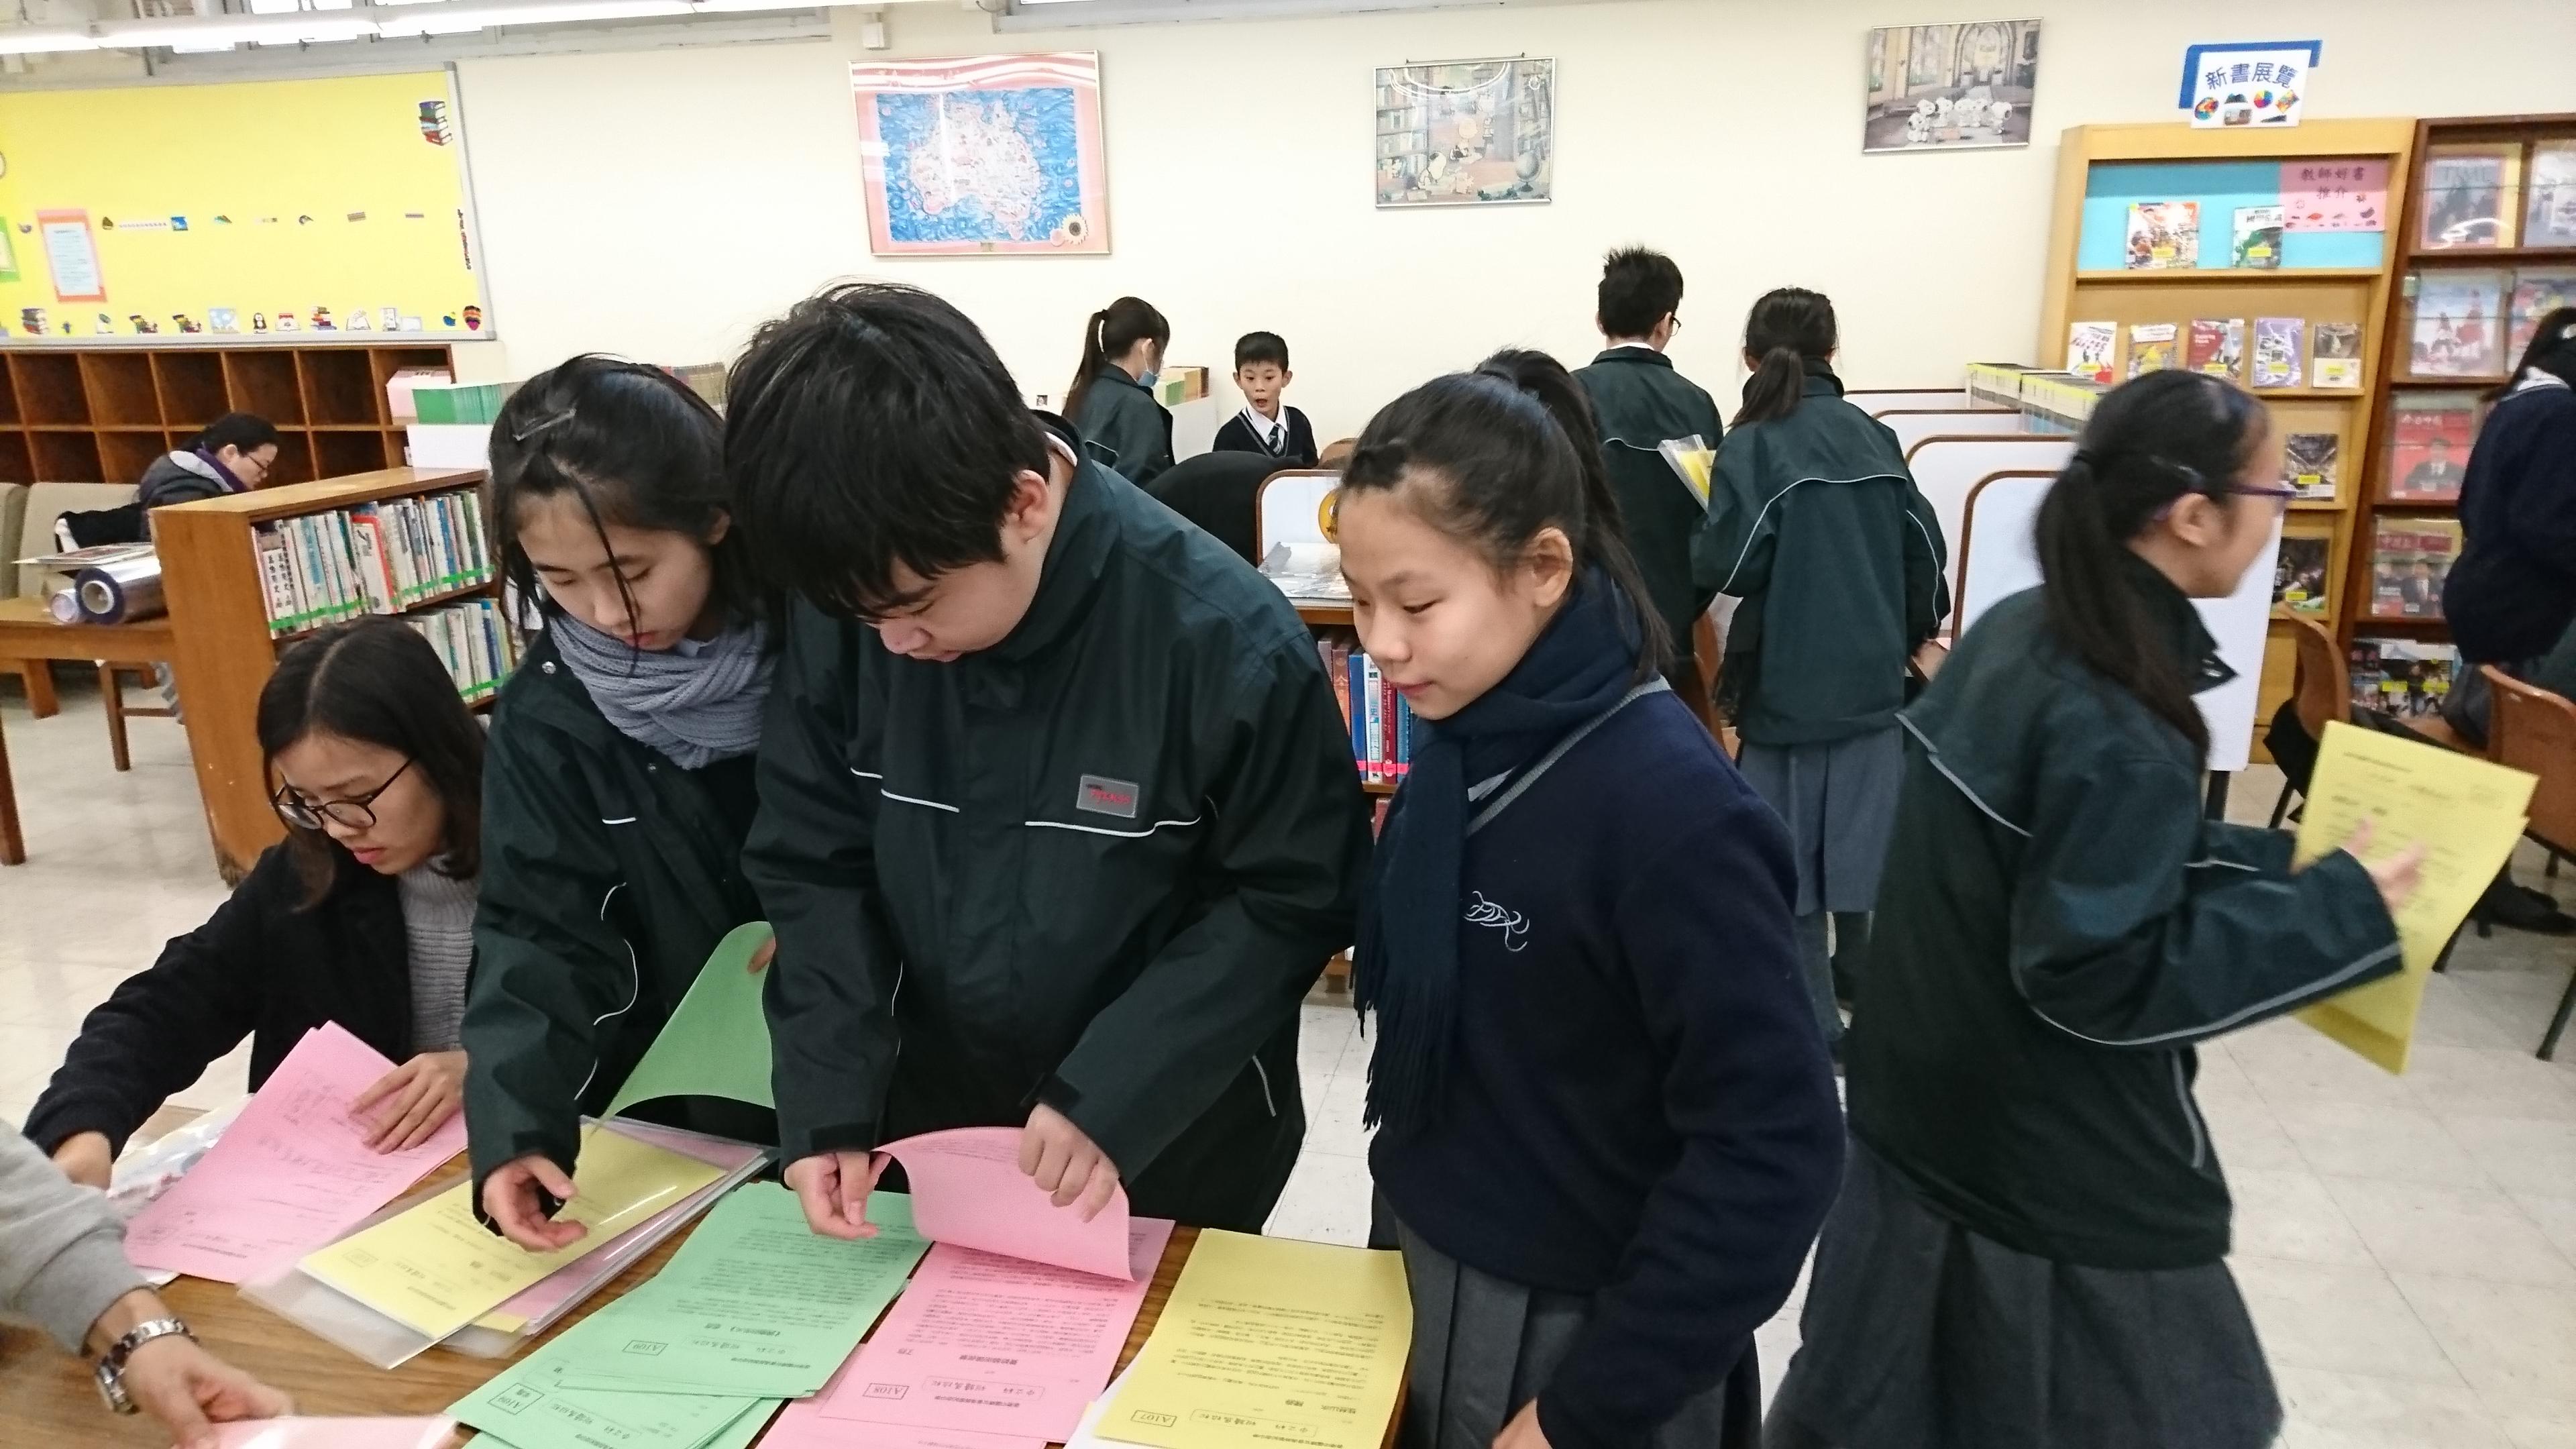 同學拿取閲讀材料。